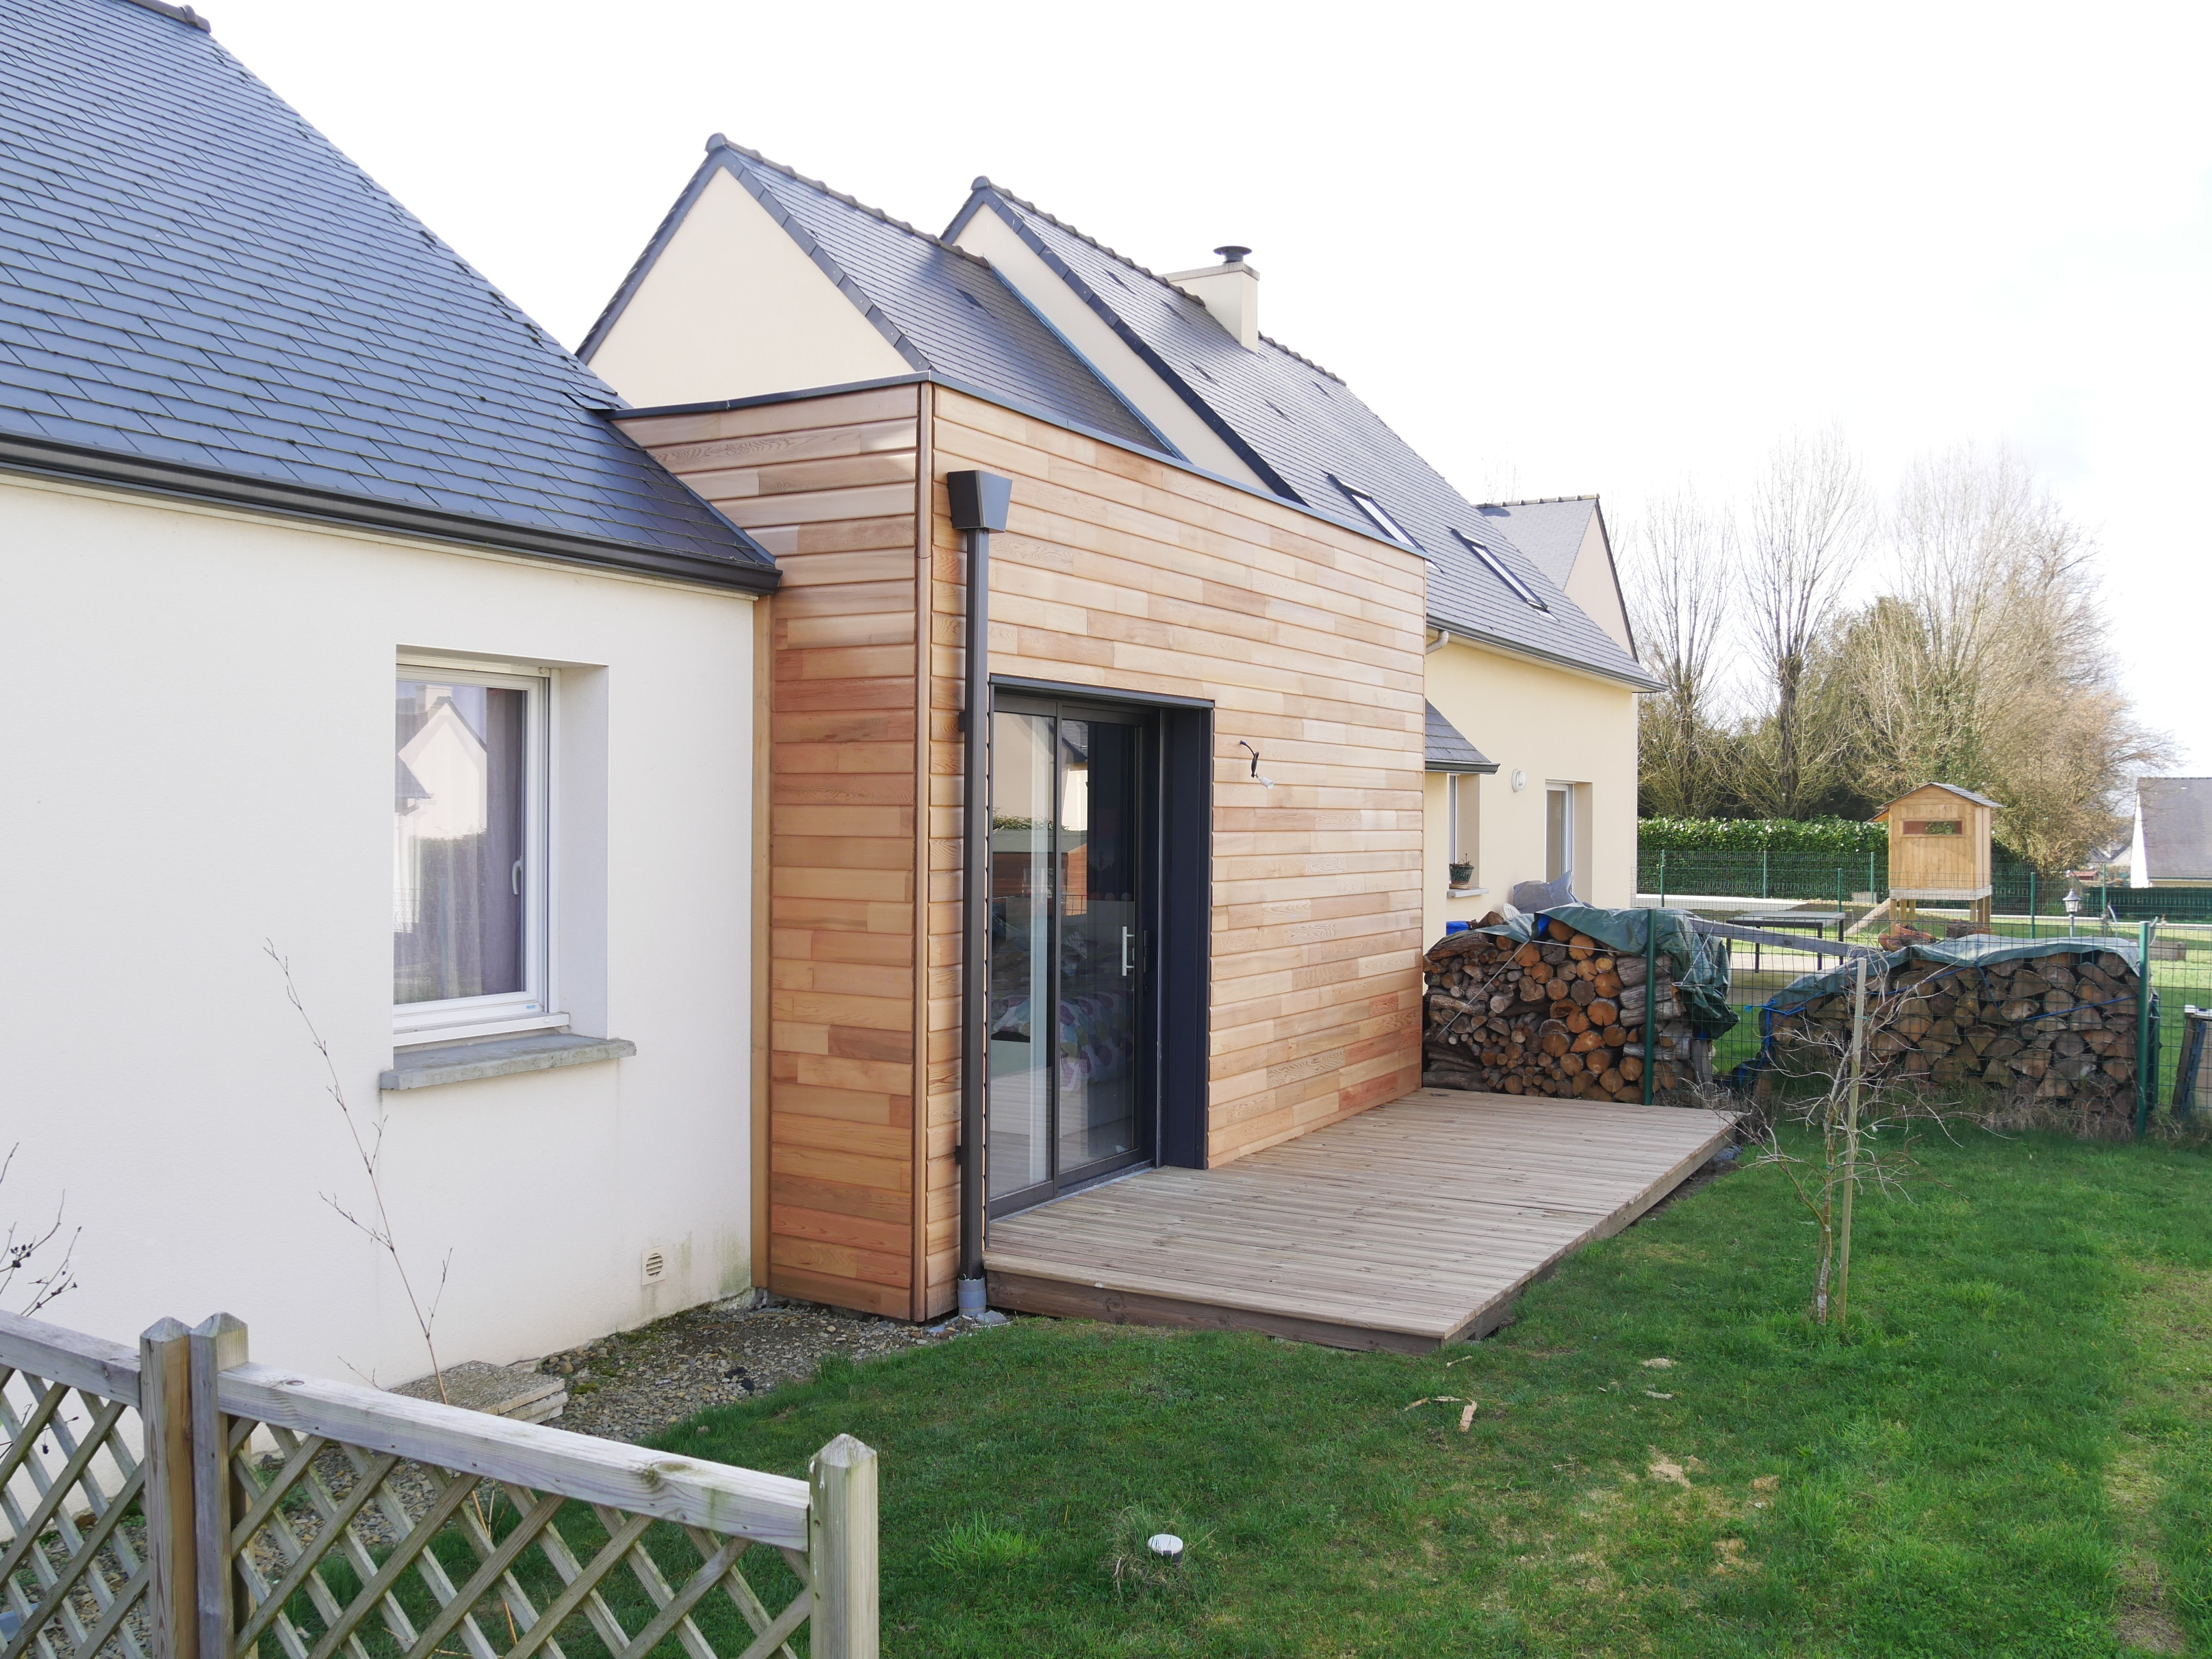 Constructeur Maison Neuve Ille Et Vilaine l'extension bois de gwenaël et annaïg en ille et vilaine